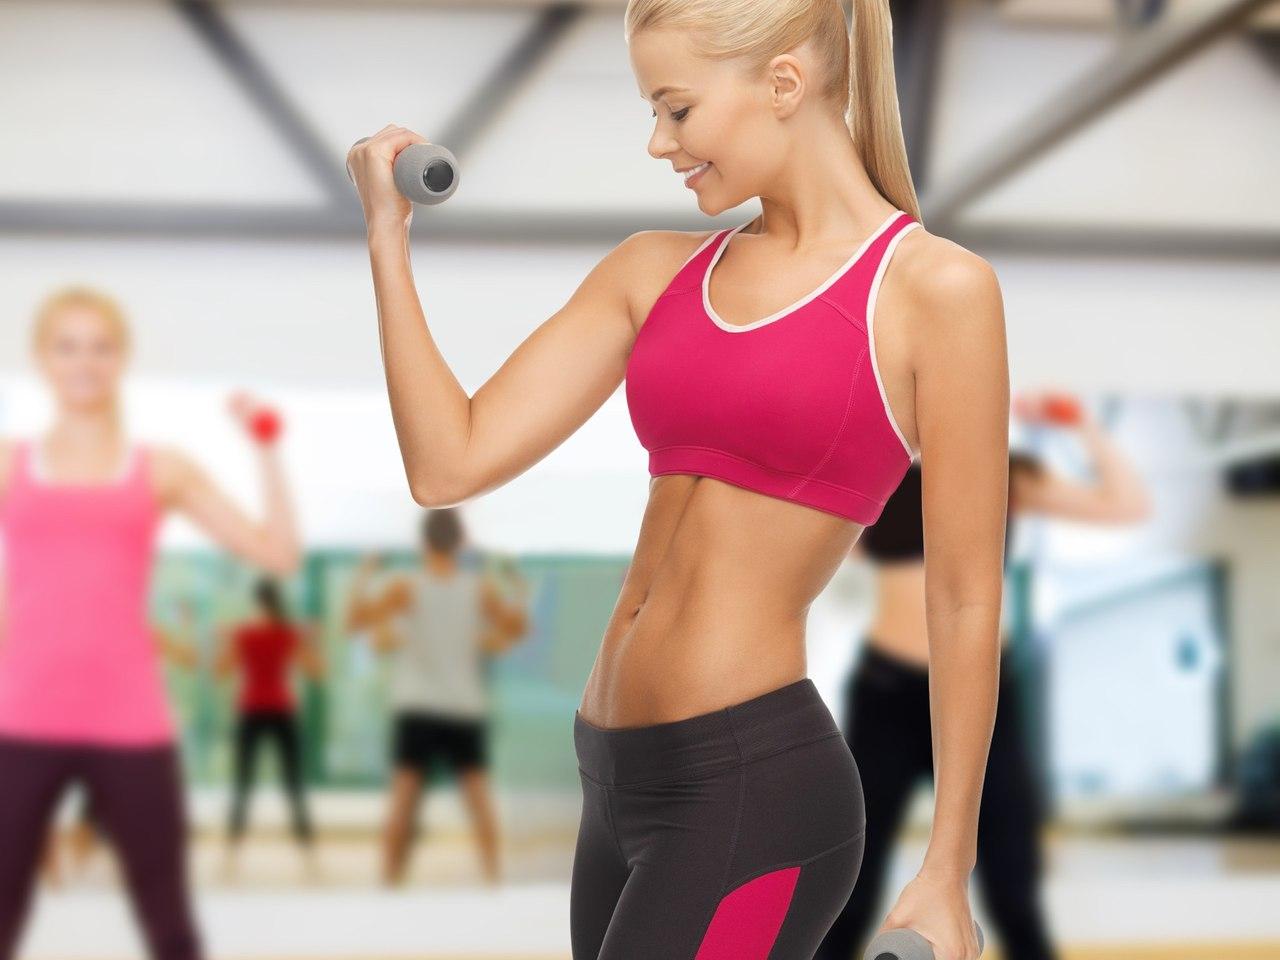 Музыка для фитнеса новые фото